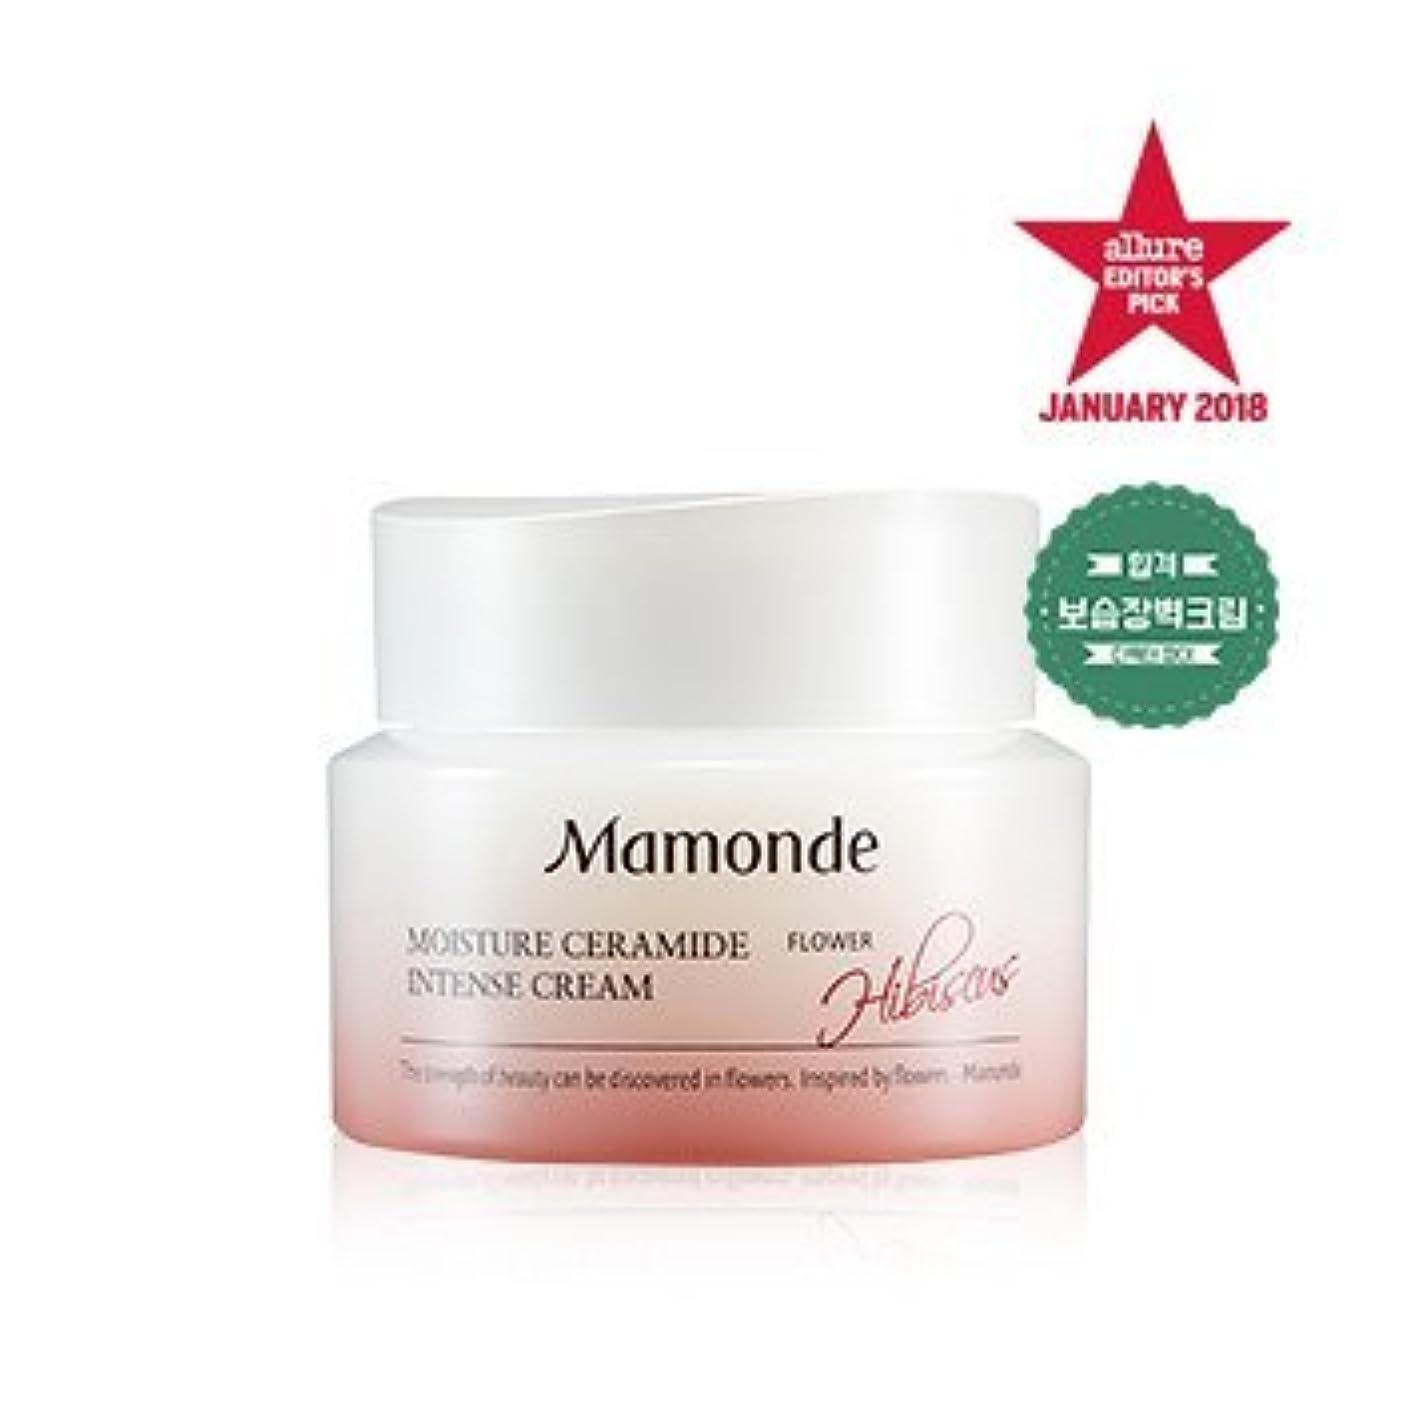 煙突飲料マウント[MAMONDE] モイスチャーセラミドインテンシブクリーム / Moisture Ceramide Intense cream 50ml [並行輸入品]